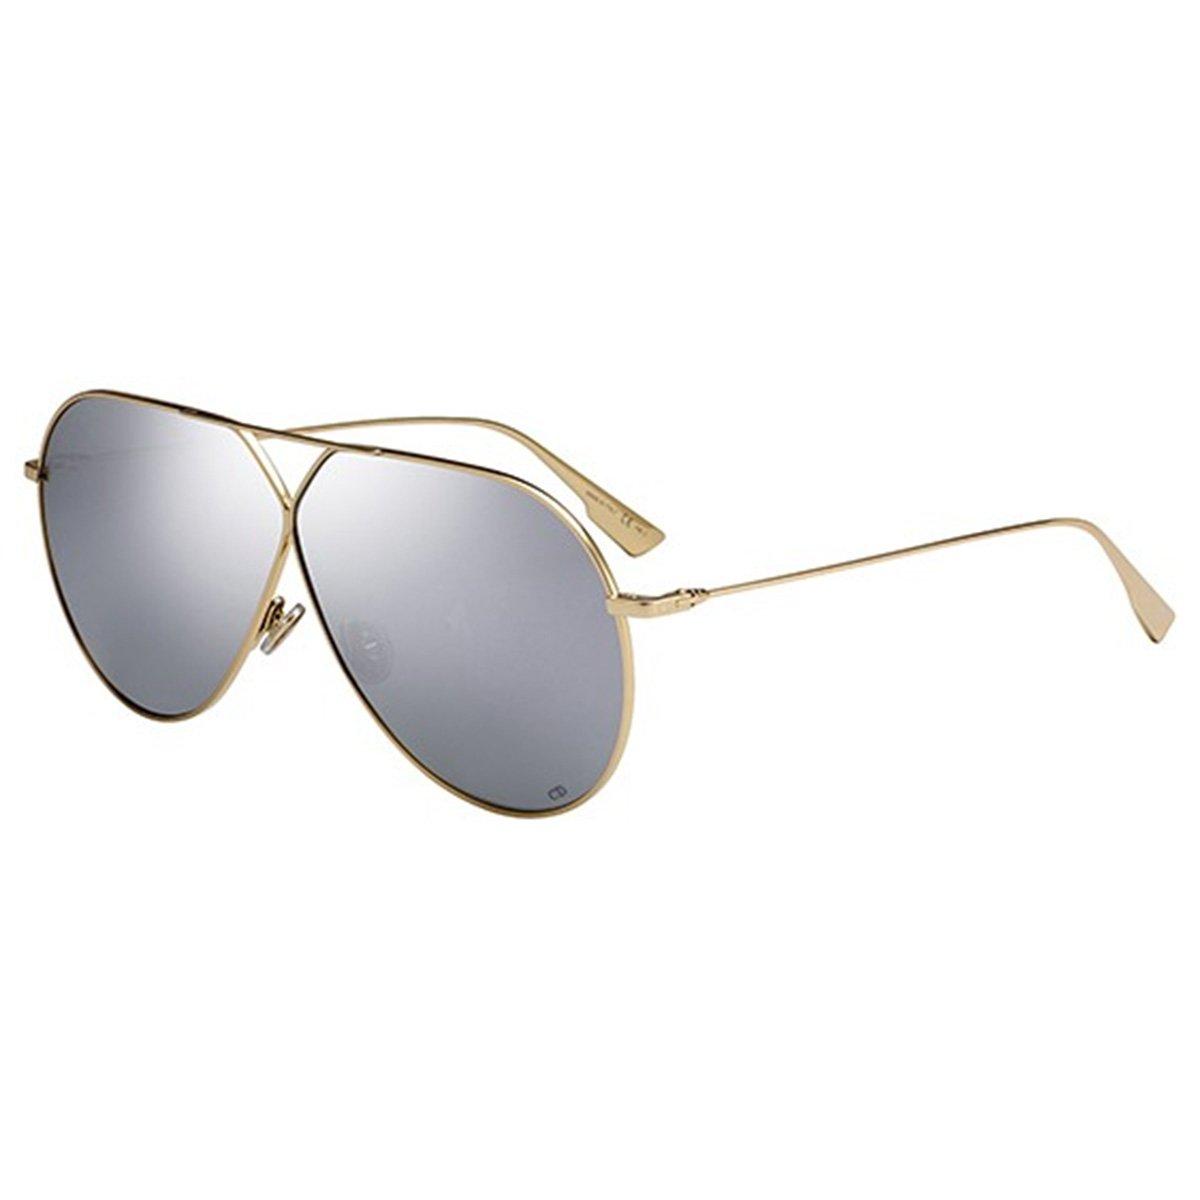 Compre Óculos de Sol Dior Stellaire 3 em 10X   Tri-Jóia Shop 9f3ecd1e9e